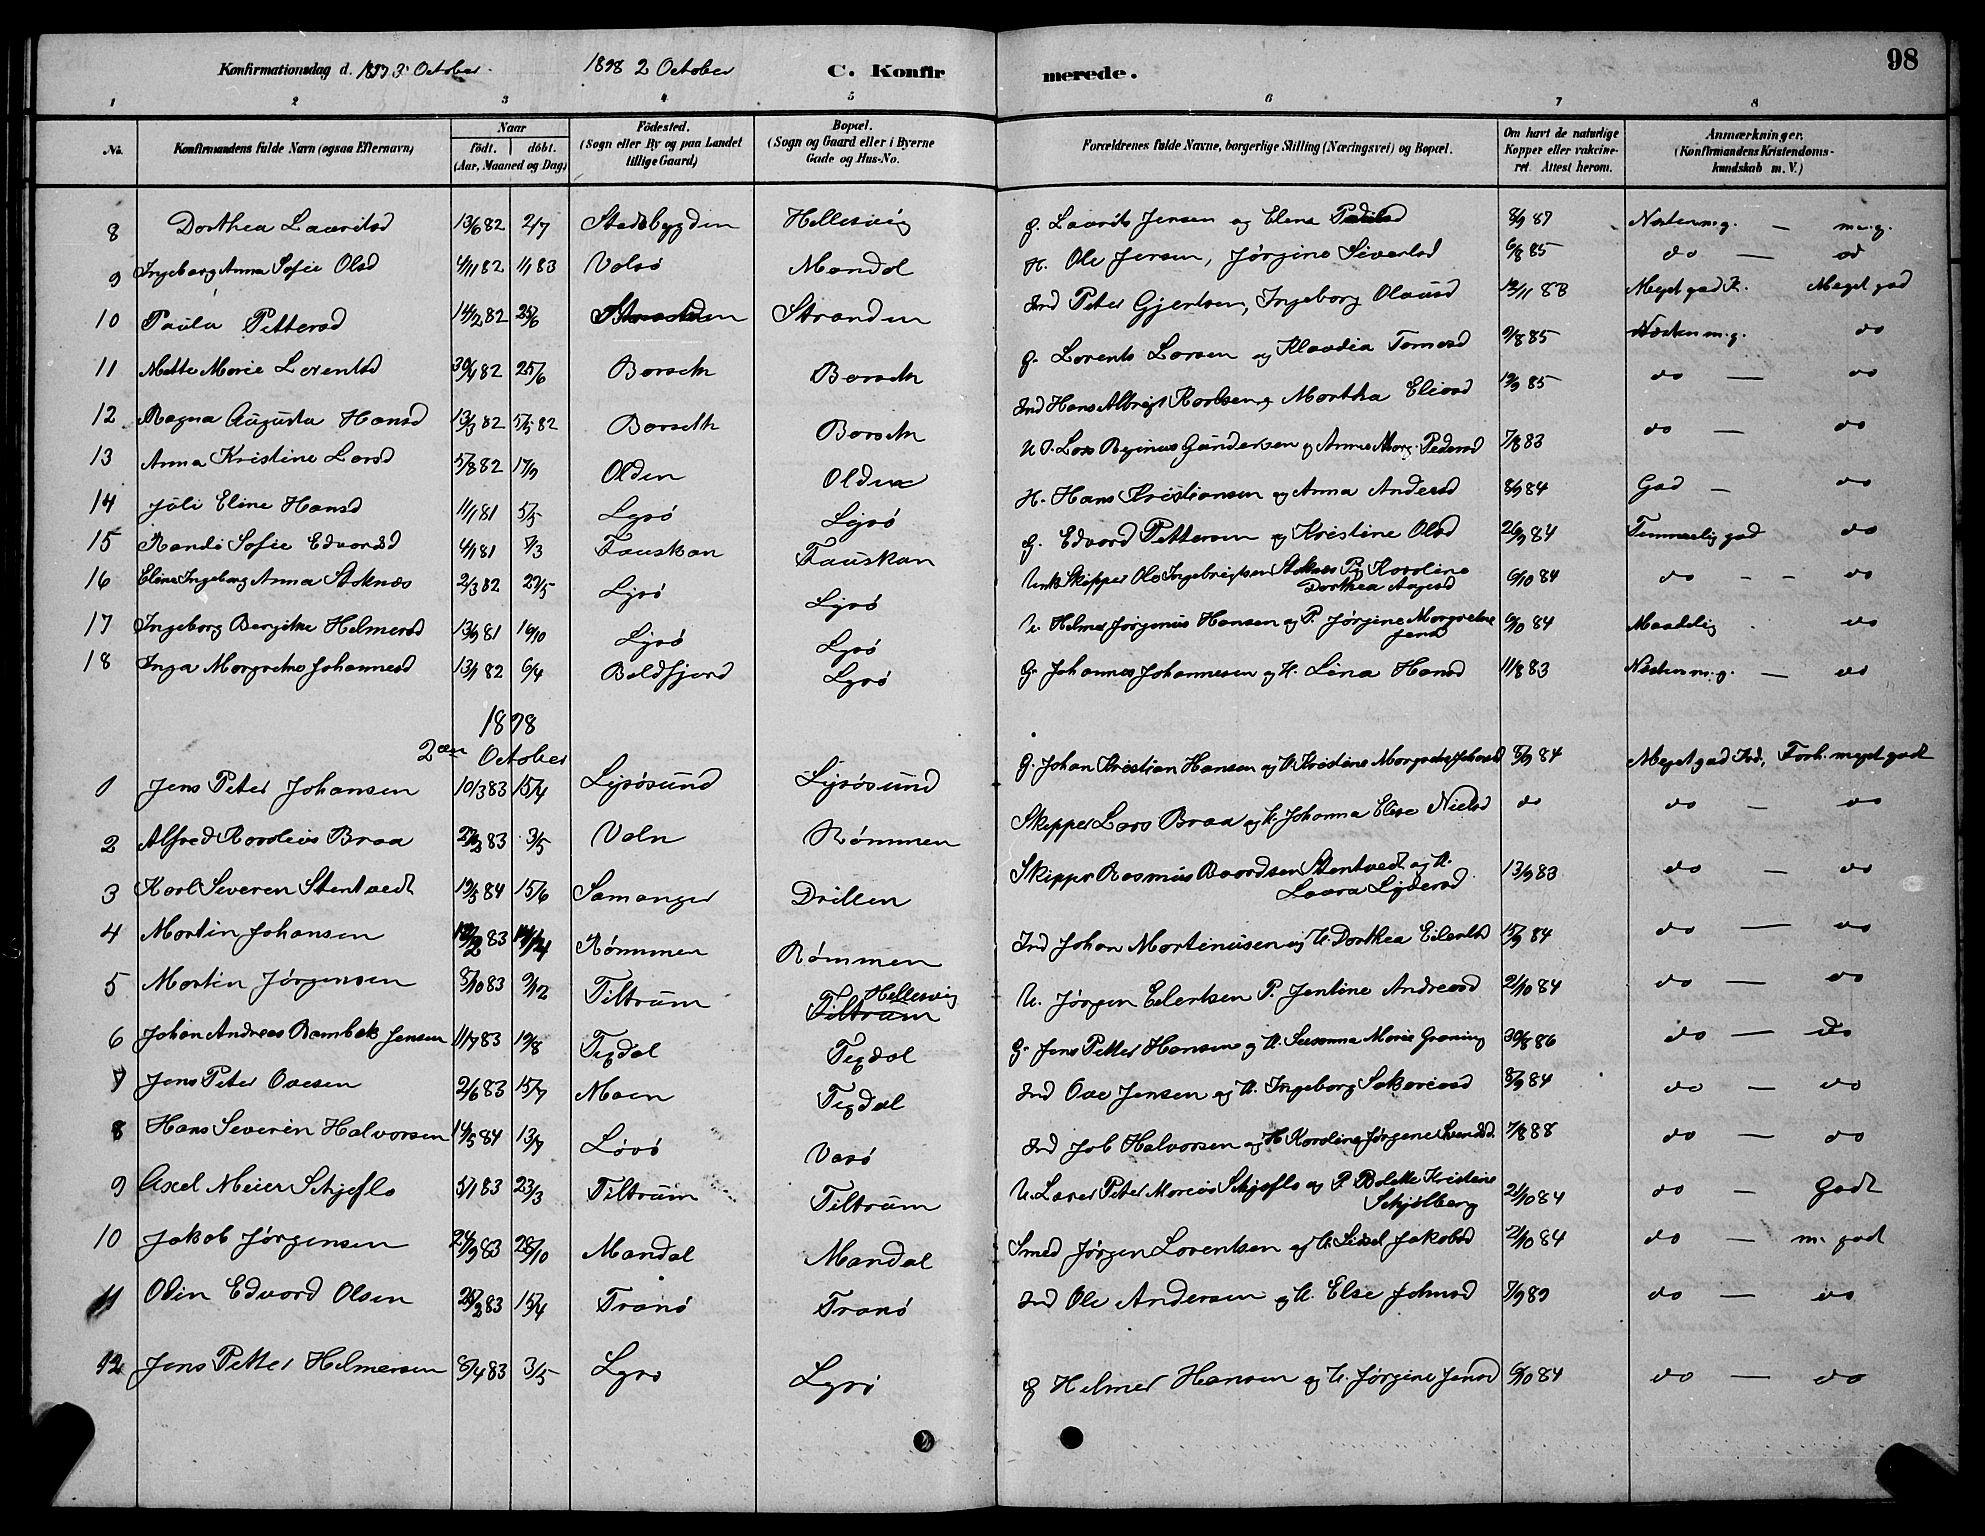 SAT, Ministerialprotokoller, klokkerbøker og fødselsregistre - Sør-Trøndelag, 654/L0665: Klokkerbok nr. 654C01, 1879-1901, s. 98